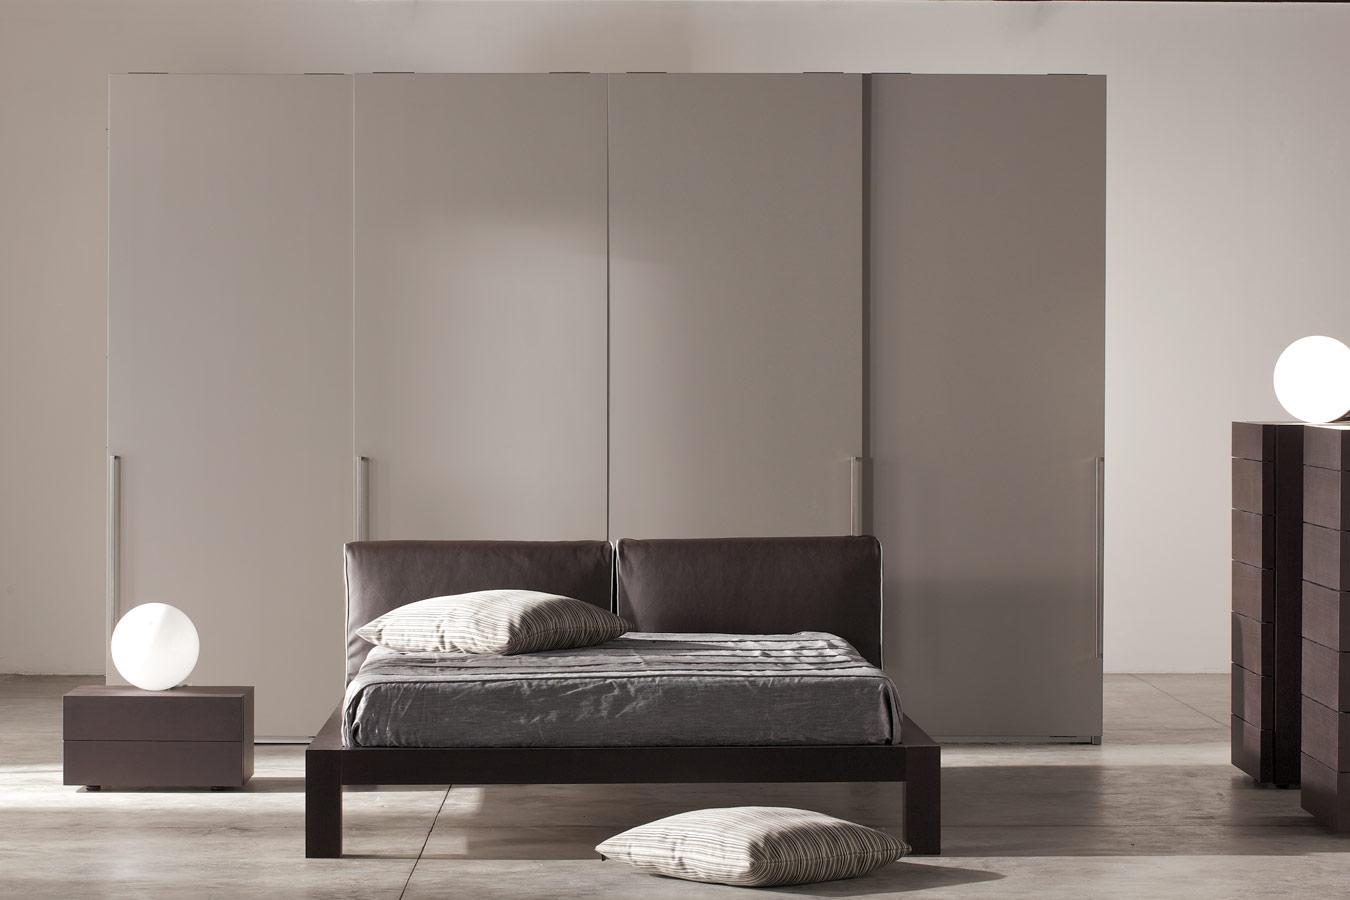 moderne grijze slaapkamer met bolle leeslampen